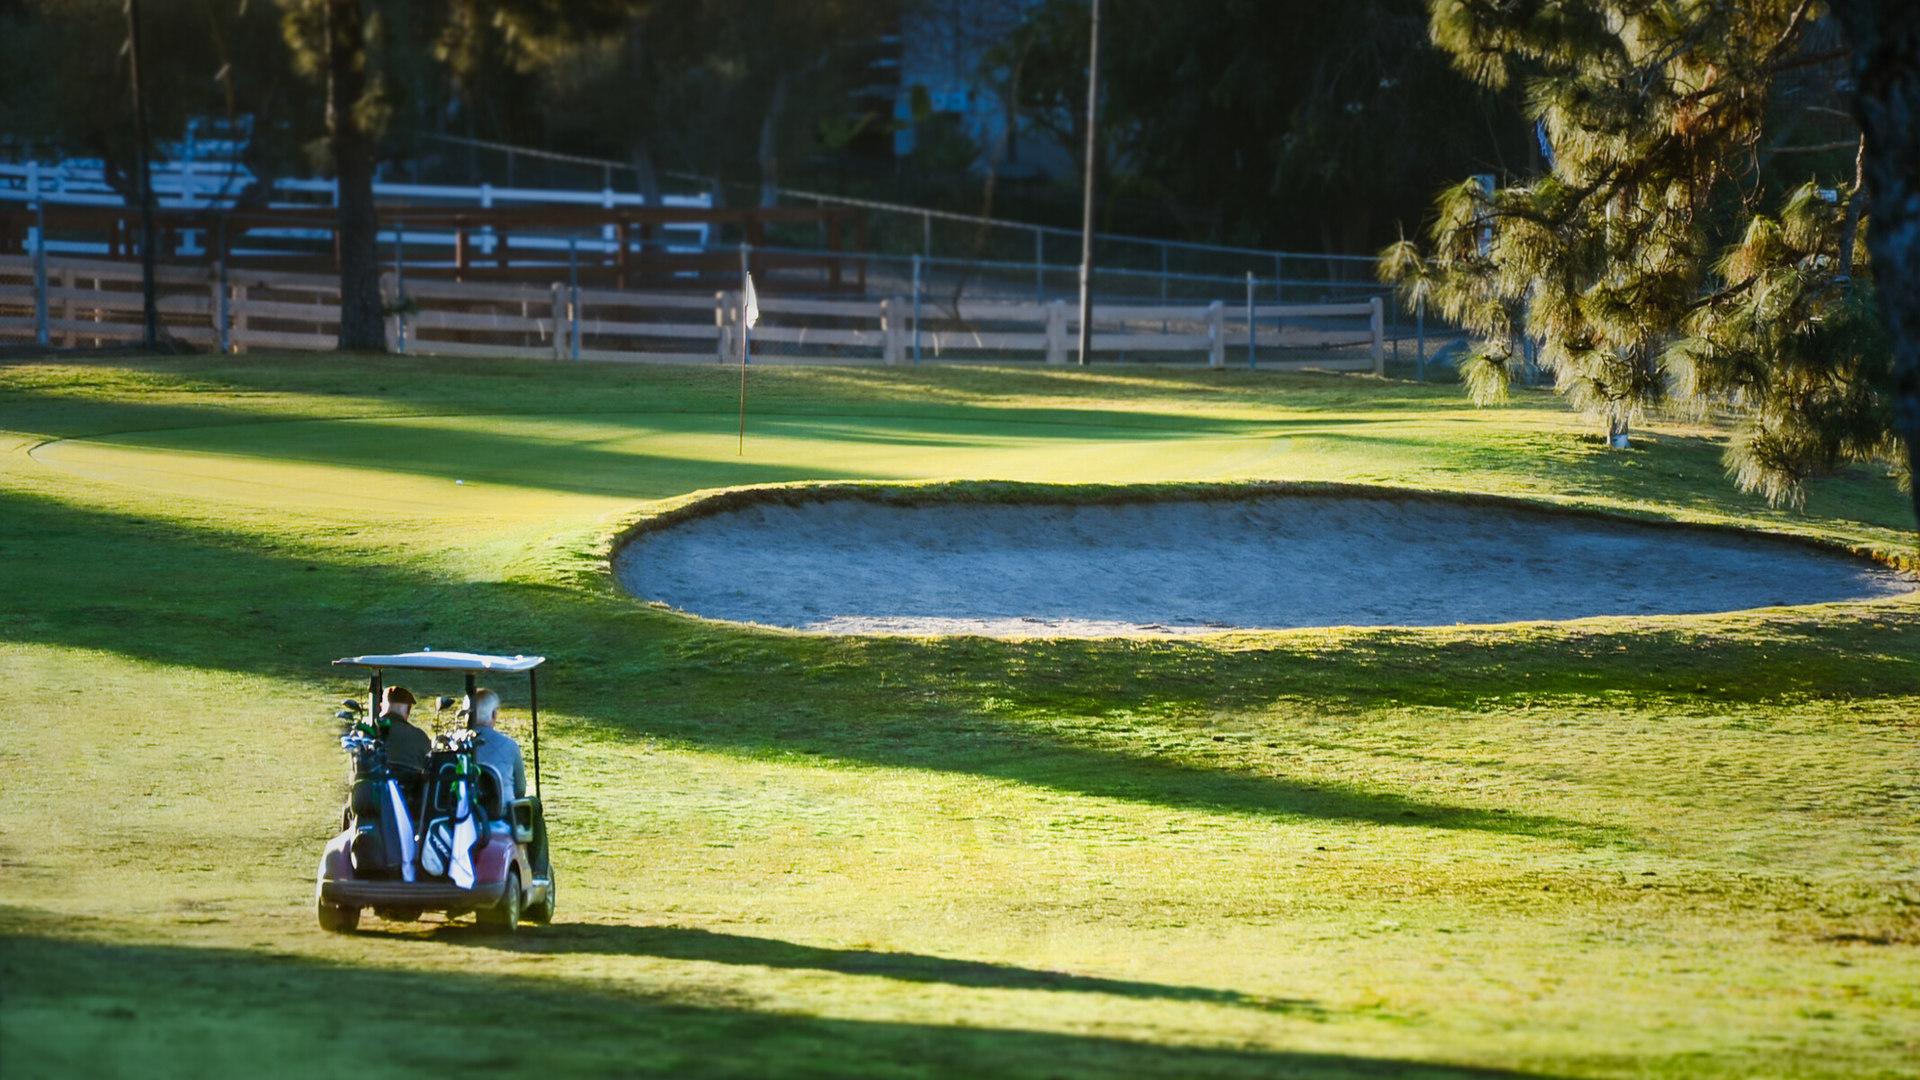 golf-instruction-adults-kids-newport-beach-ca